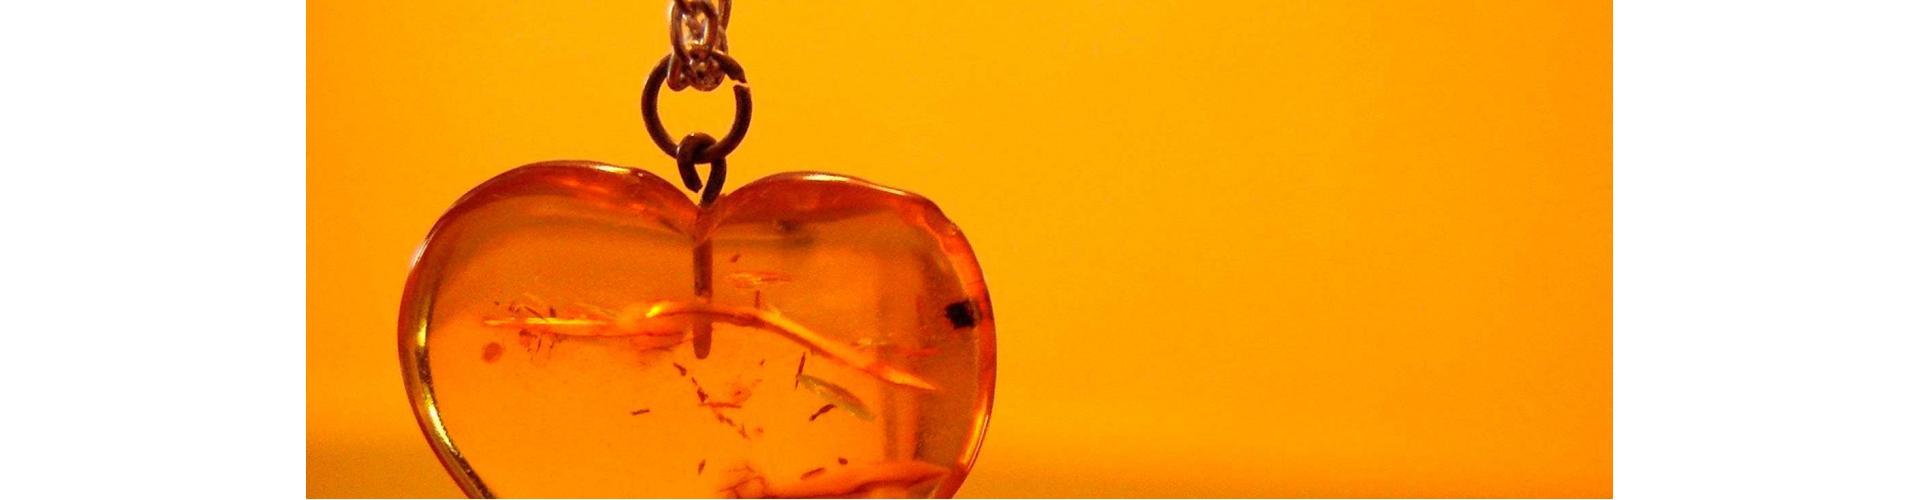 Предлагаем продать янтарь дорого. Скупка янтаря. Оценка янтаря в Москве